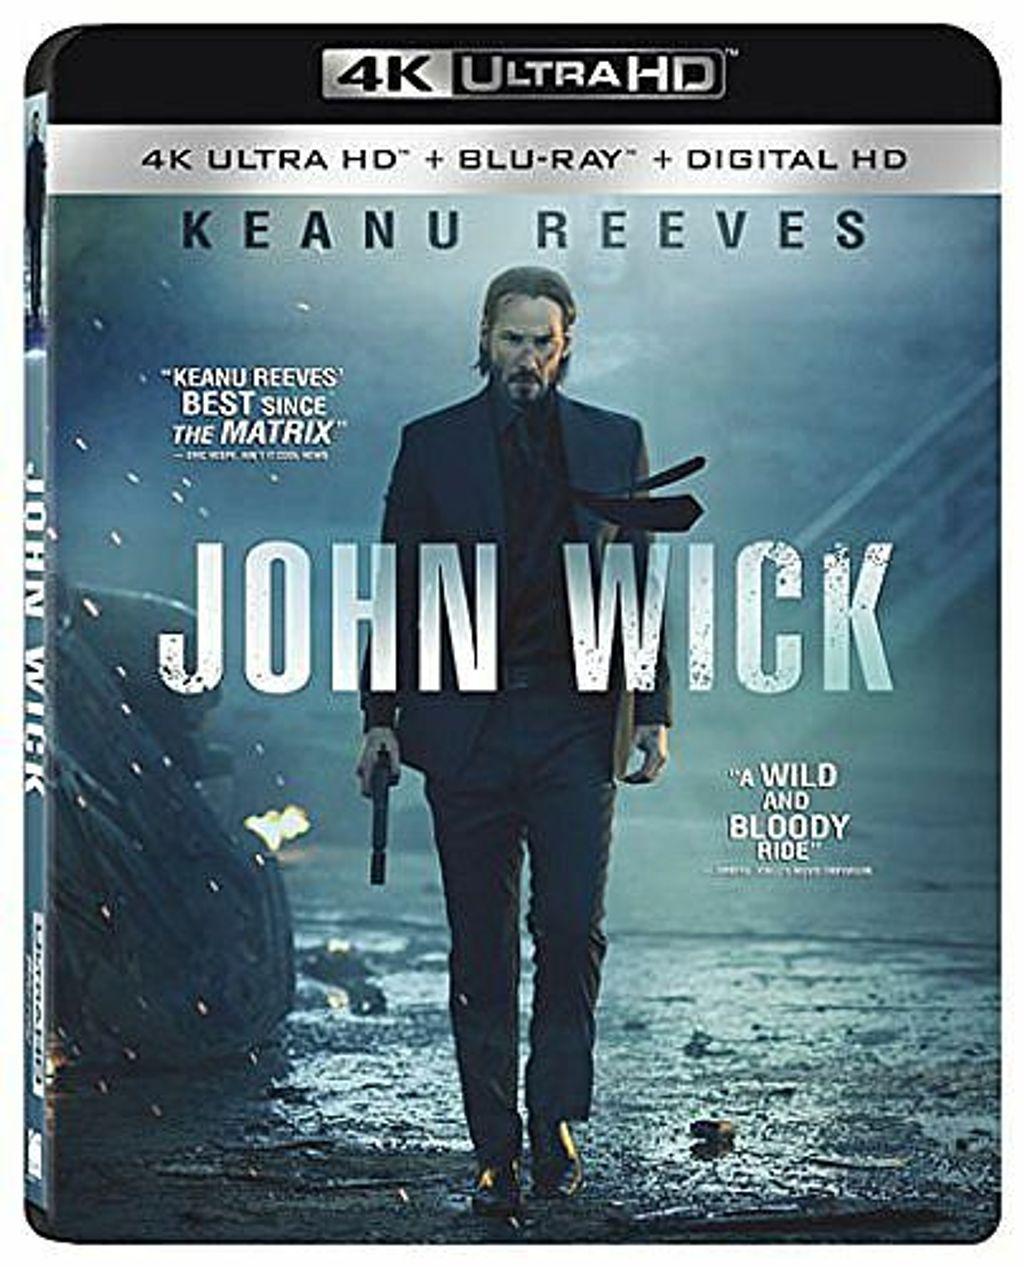 JOHN WICK [Blu-ray, bluray, 4K Ultra HD, digital].jpg